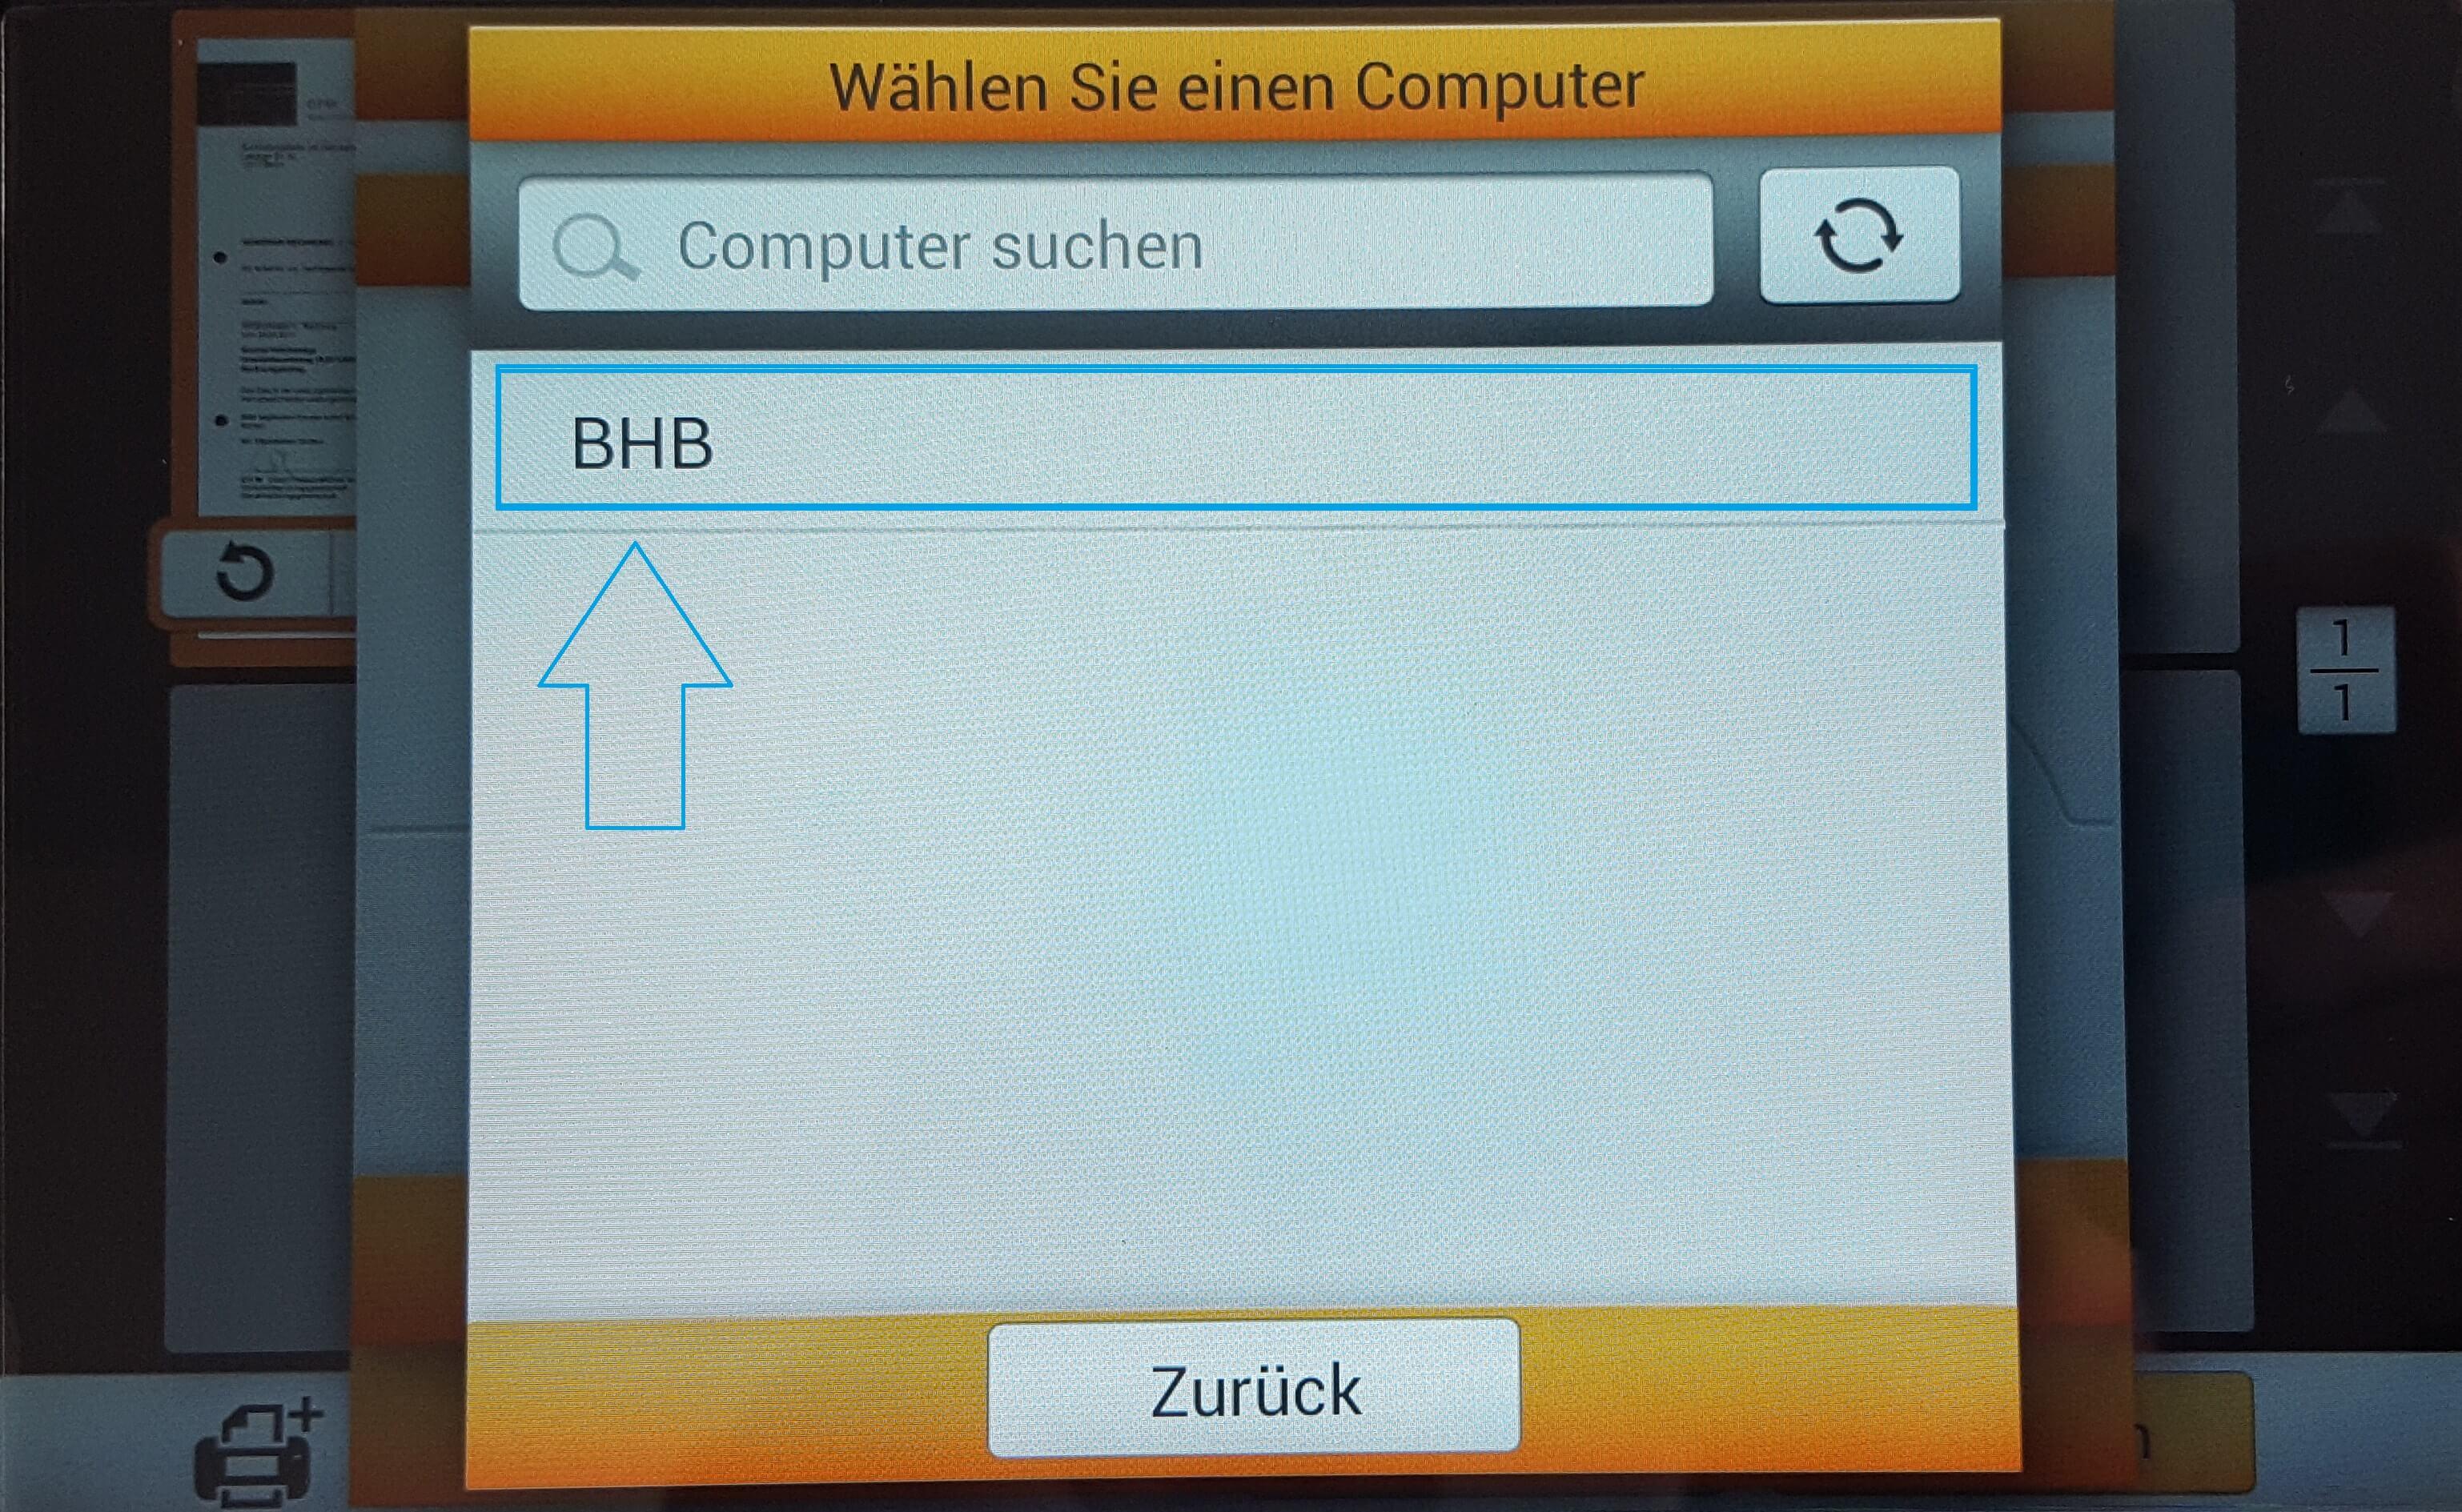 Auswahl des Computers